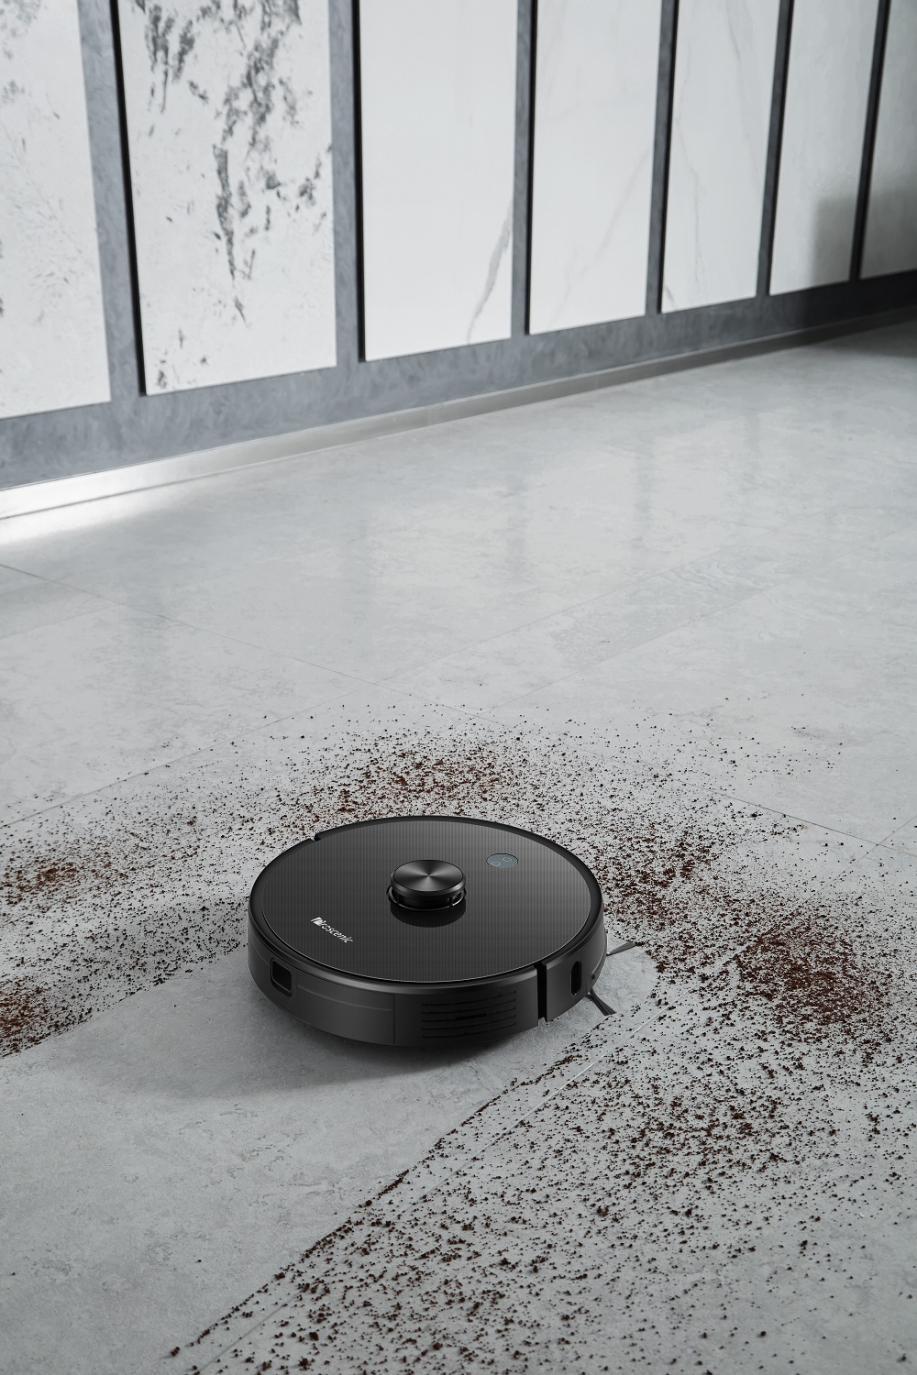 扫地机器人哪个品牌好?浦桑尼克扫地机被李湘推荐啦